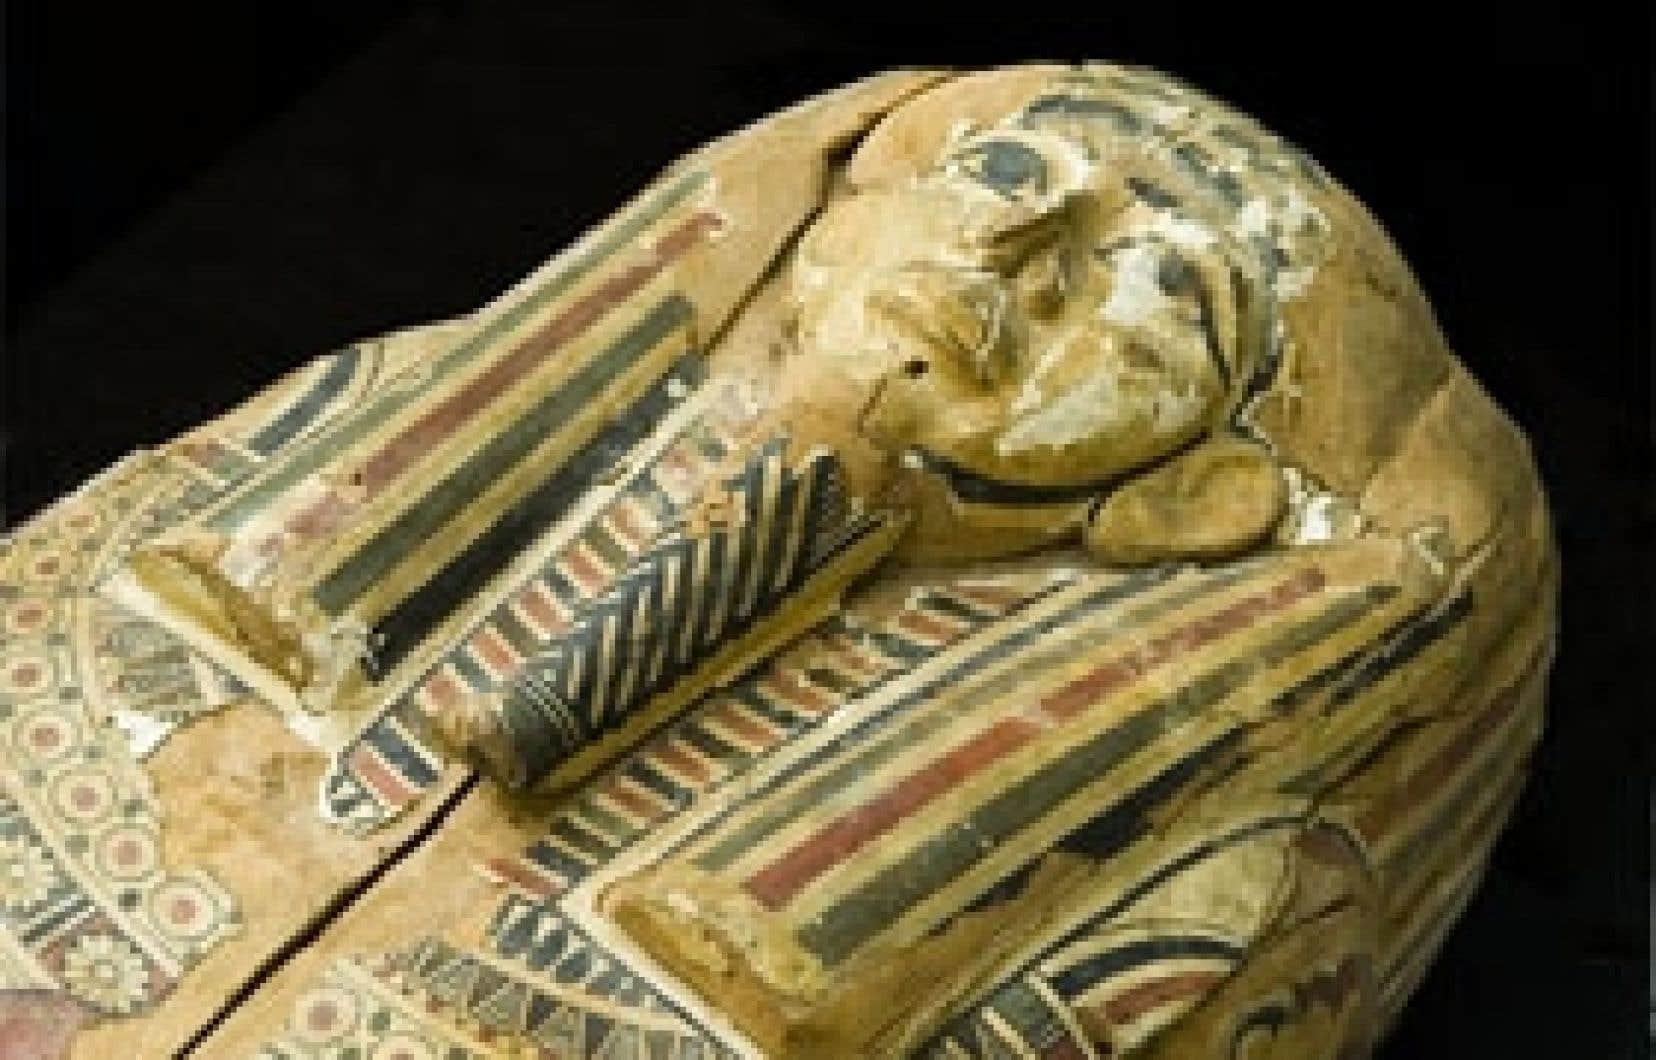 L'antiquité date de la 26e dynastie, soit d'environ 2600 ans. Il s'agit d'une femme de 65 ans momifiée comme le veut la coutume. Photo: Steven Darby